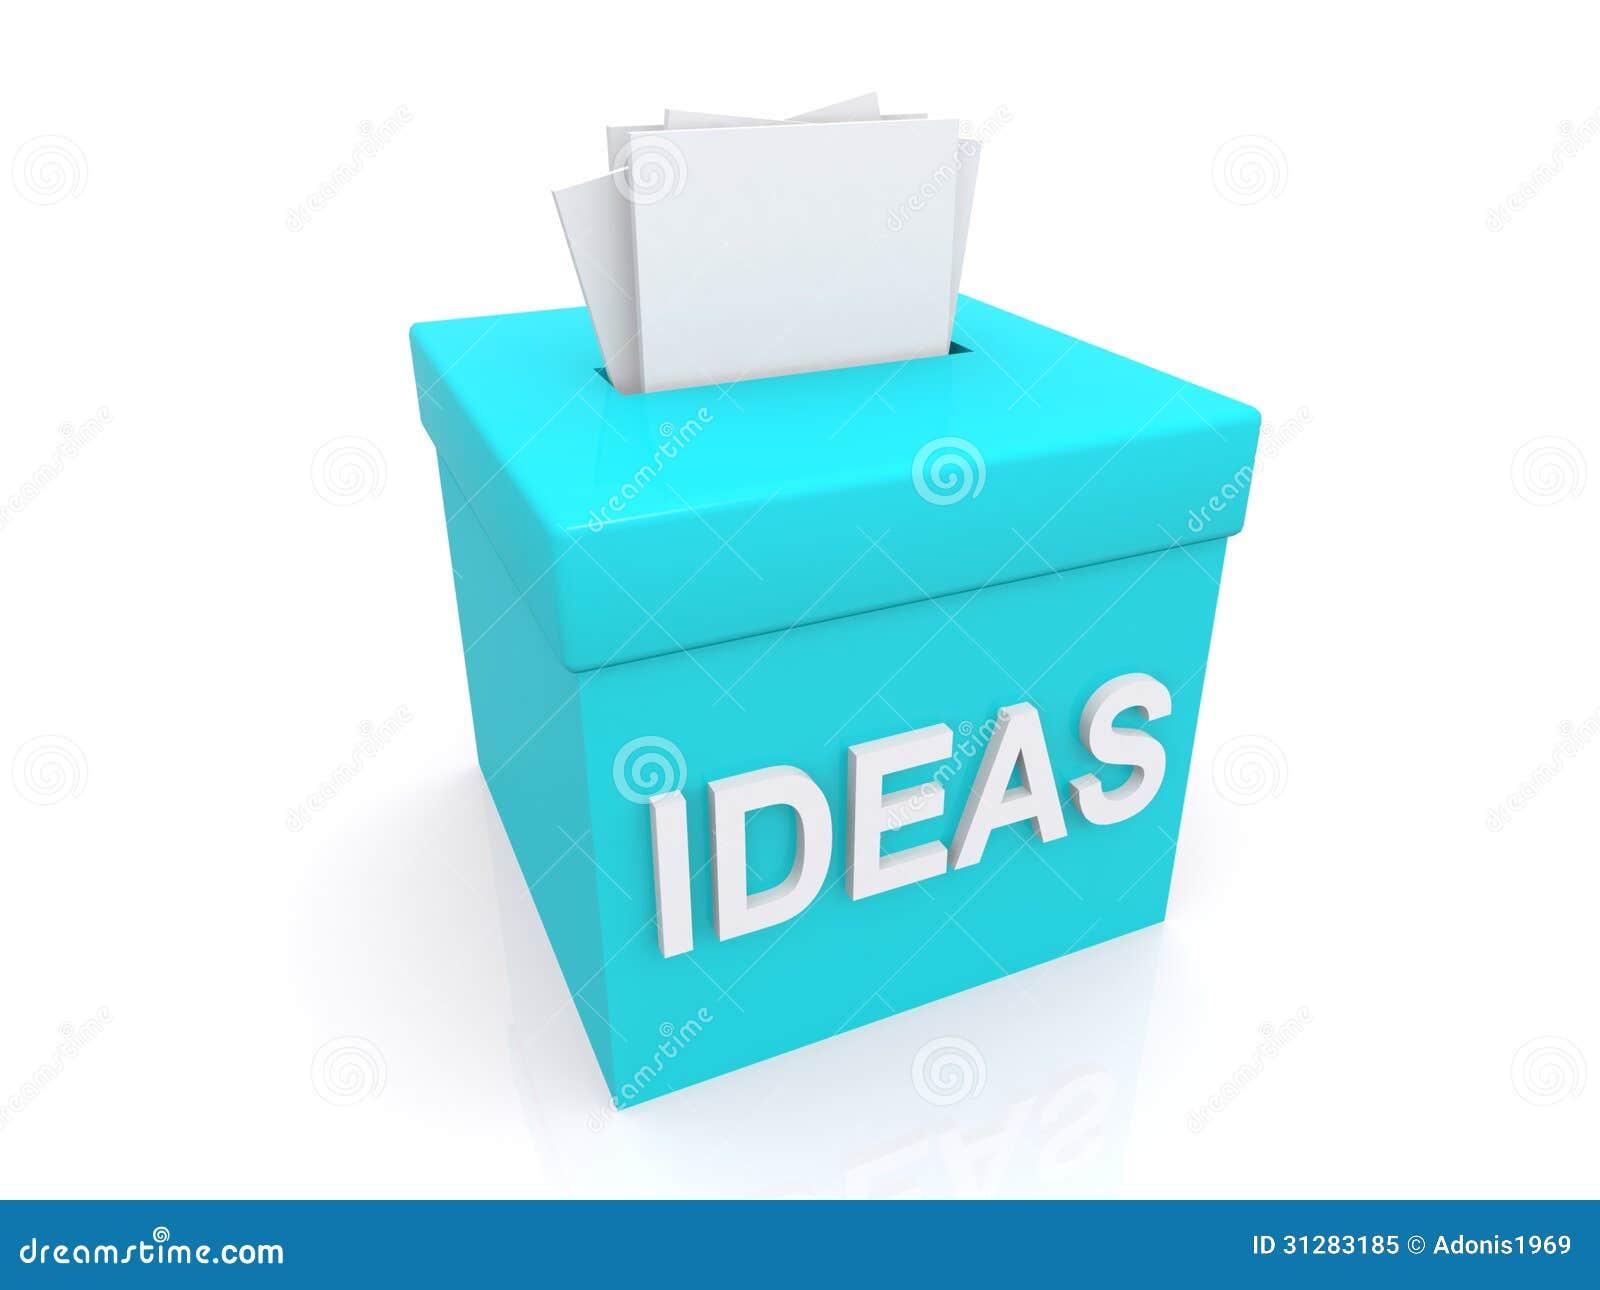 vorschl ge im ideenkasten stock abbildung bild von. Black Bedroom Furniture Sets. Home Design Ideas